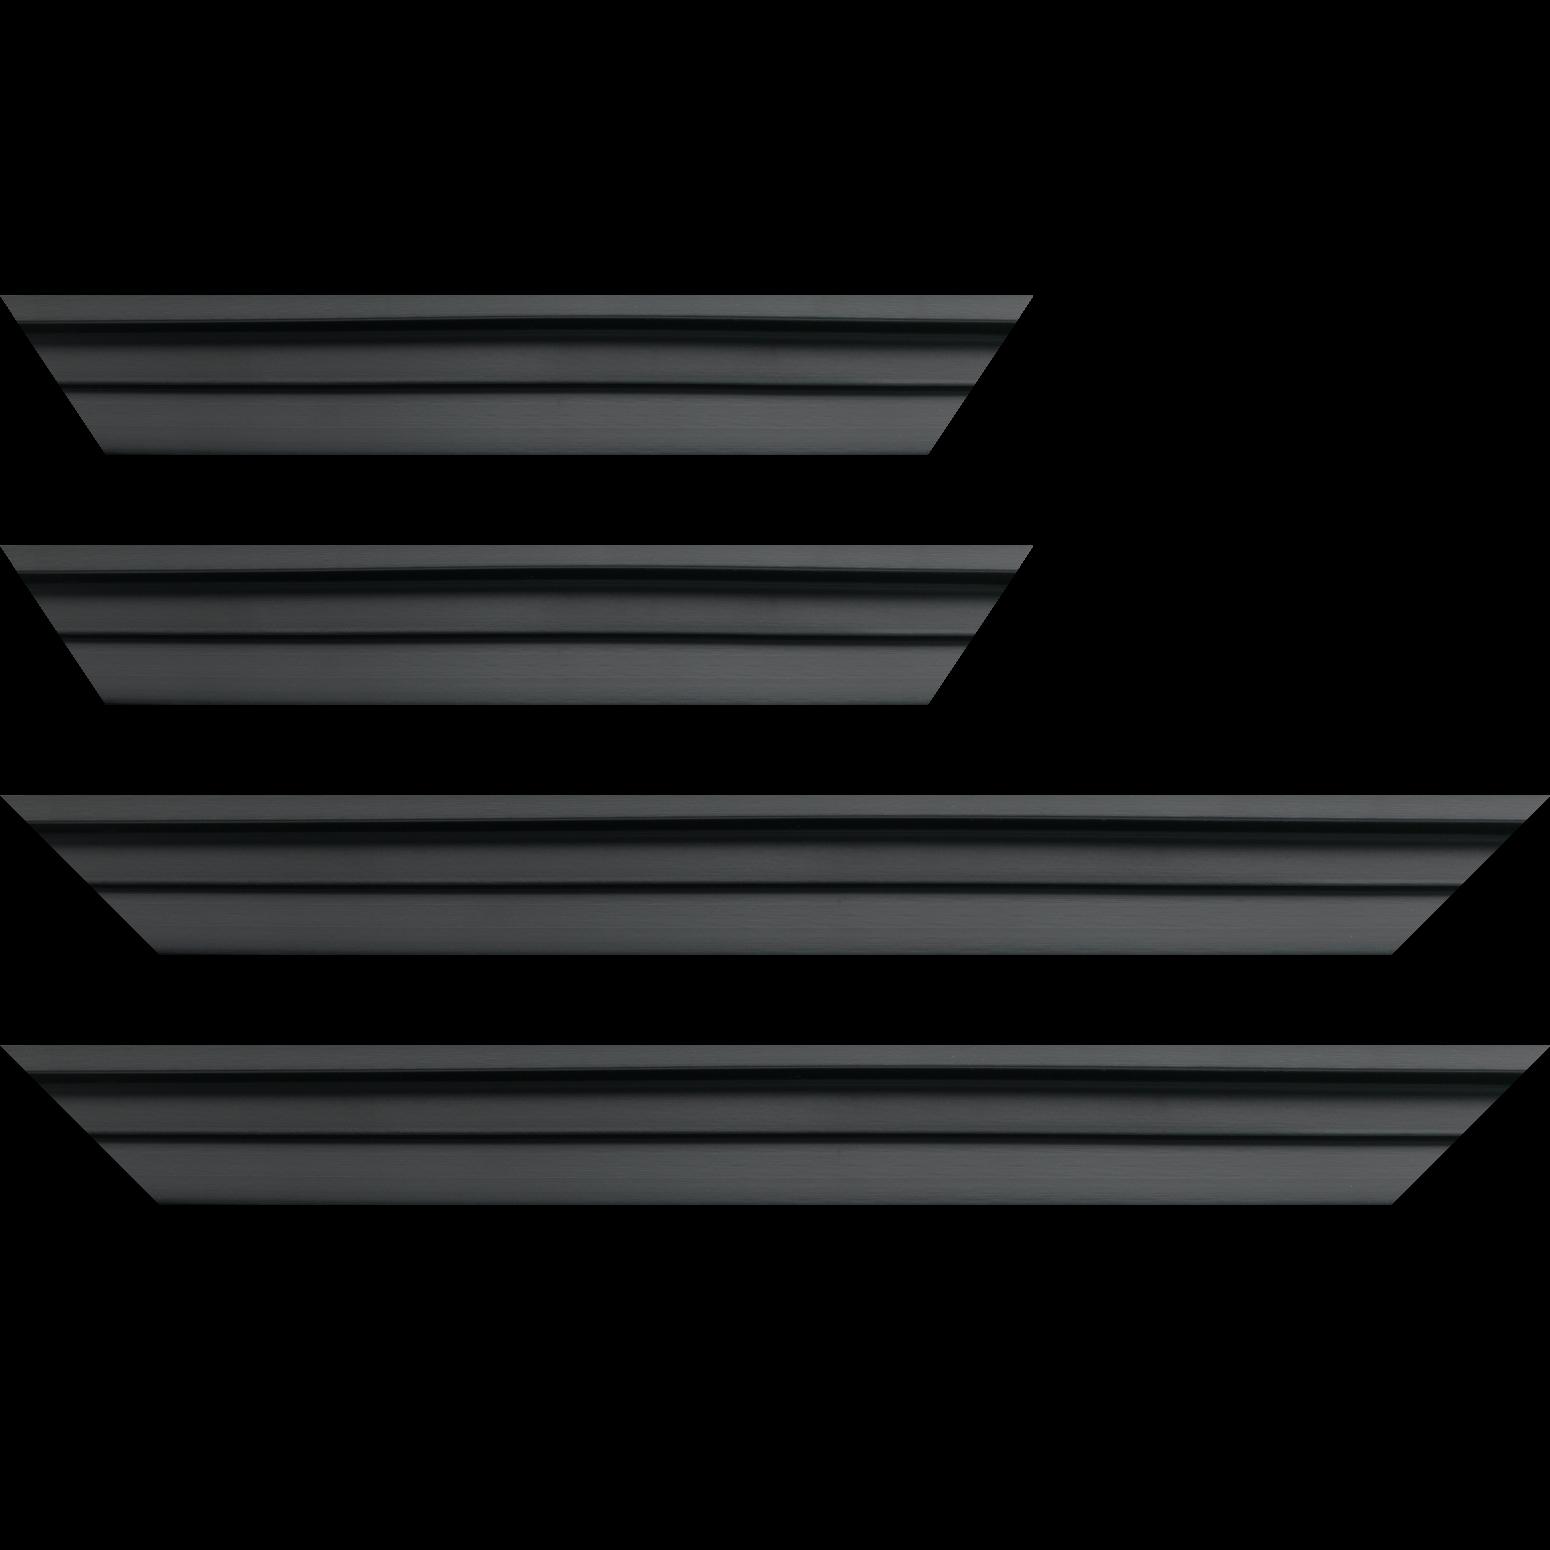 Baguette bois caisse américaine profil escalier largeur 4.4cm noir mat   (spécialement conçu pour les châssis d'une épaisseur jusqu'à 2.5cm )